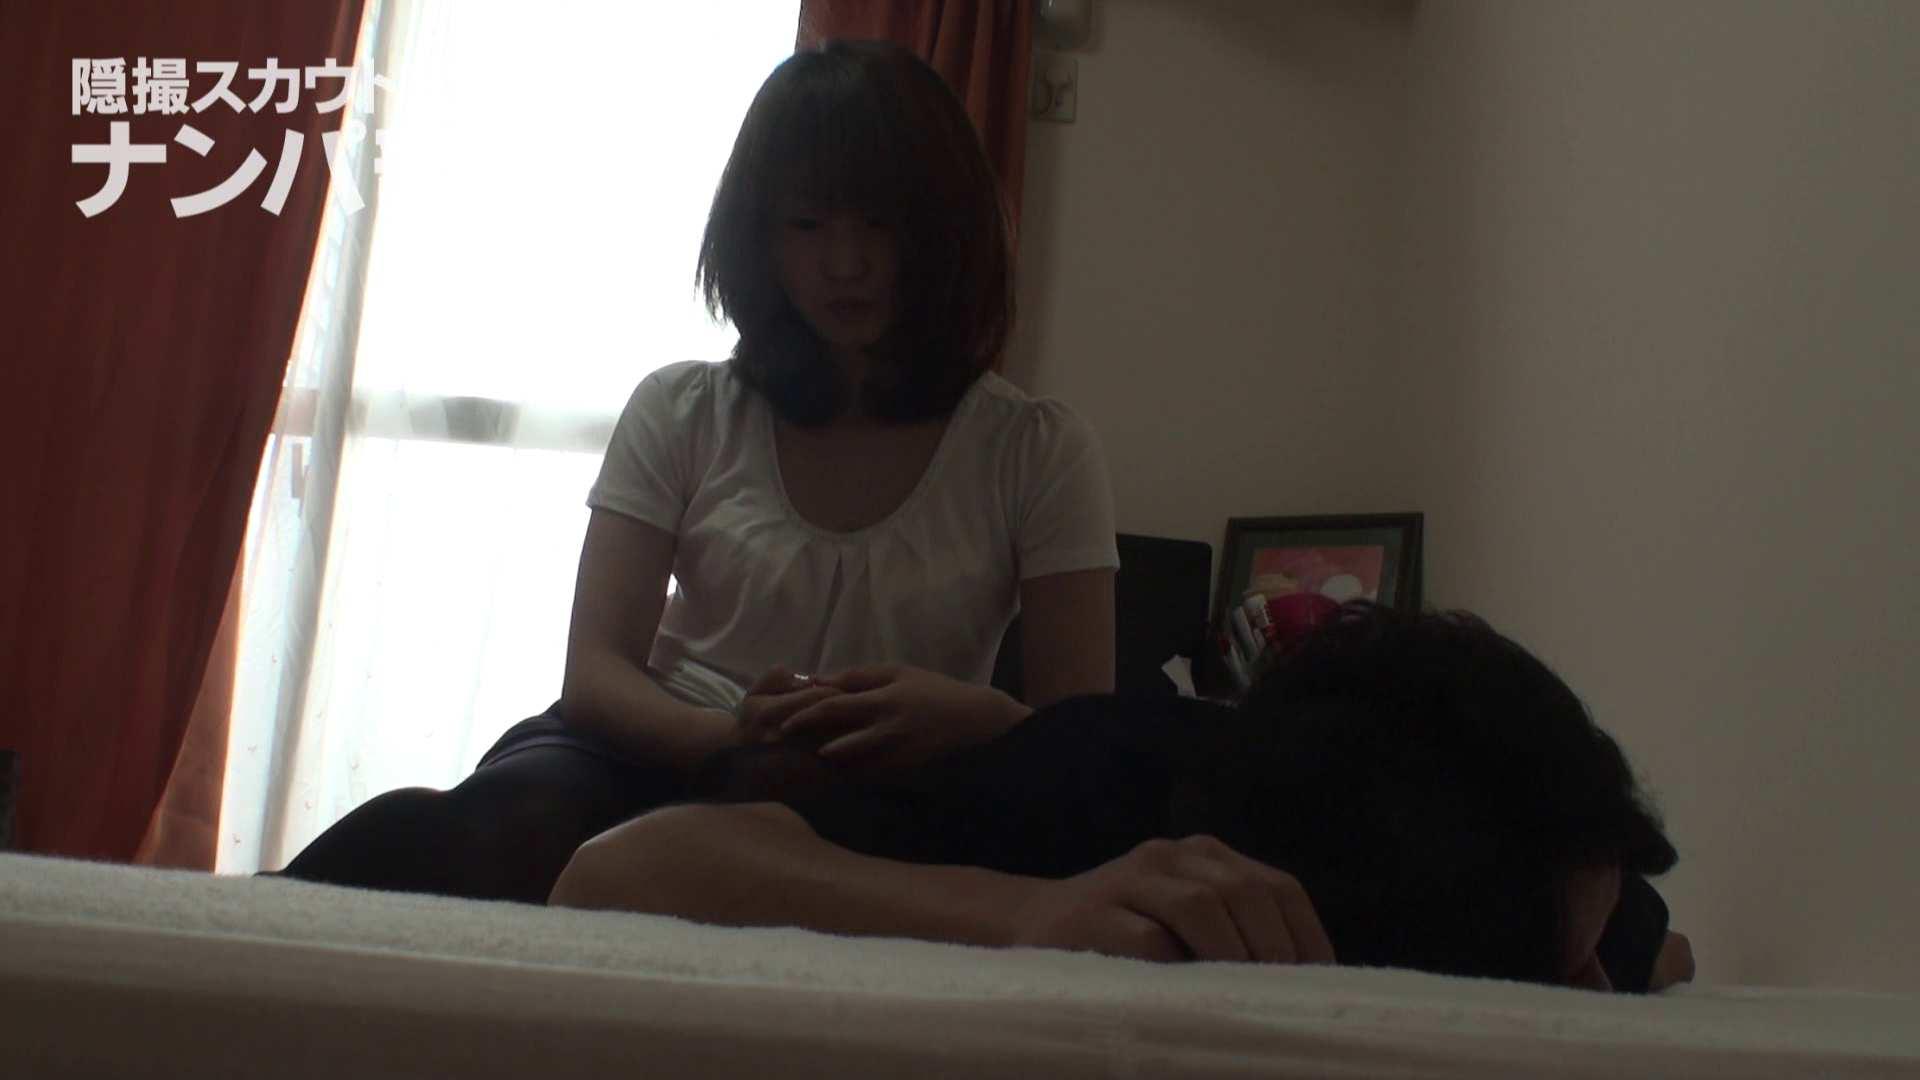 隠撮スカウトマンのナンパ部屋~風俗デビュー前のつまみ食い~ siivol.2 ナンパ AV無料 110枚 15